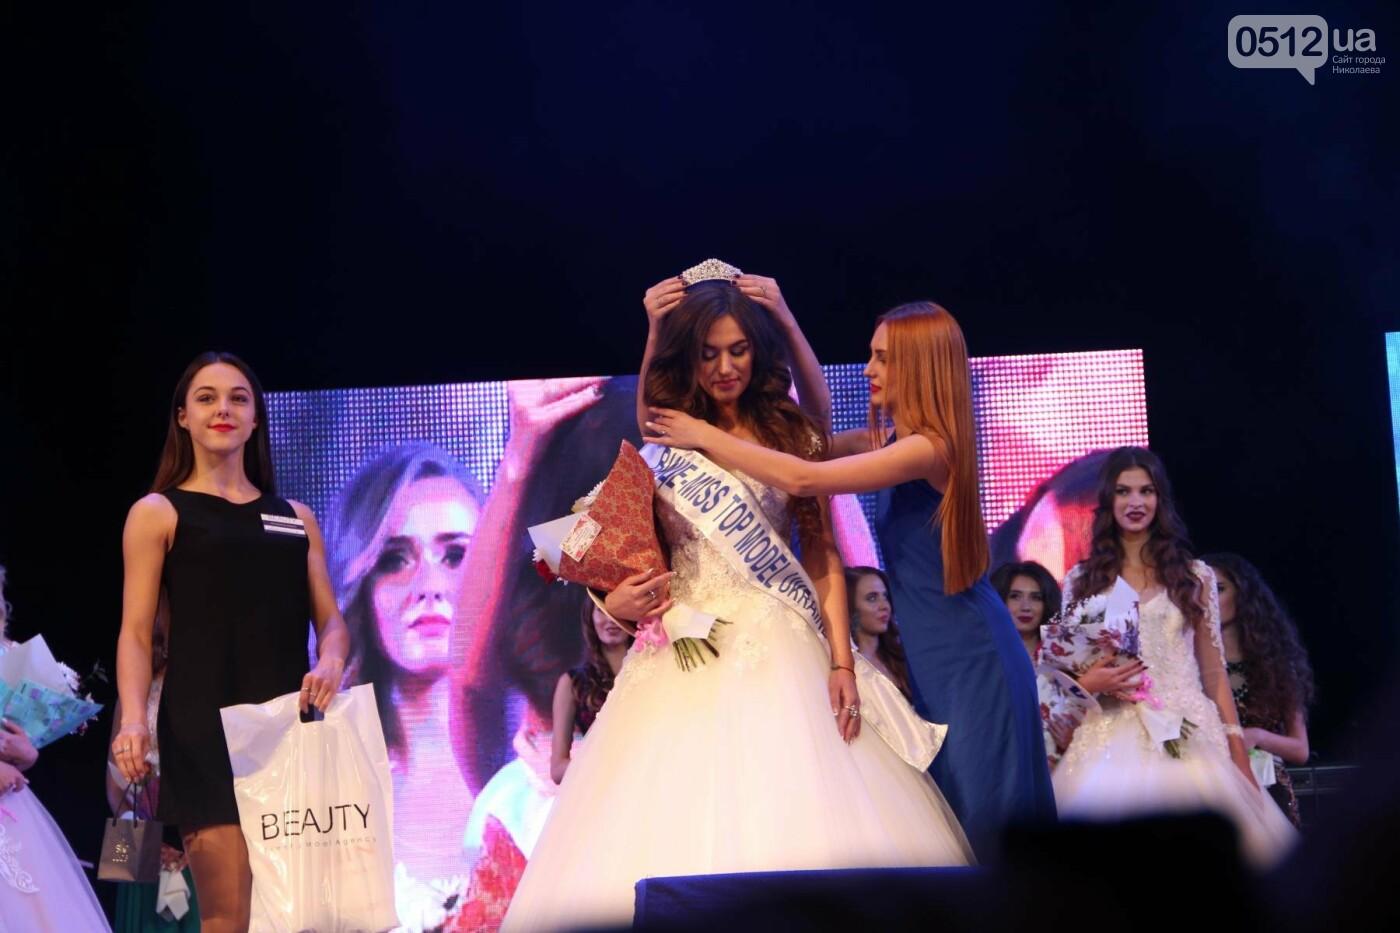 В Николаеве на конкурсе «Miss Top model Ukraine» выбрали самую красивую модель в Украине, - ФОТО, фото-26